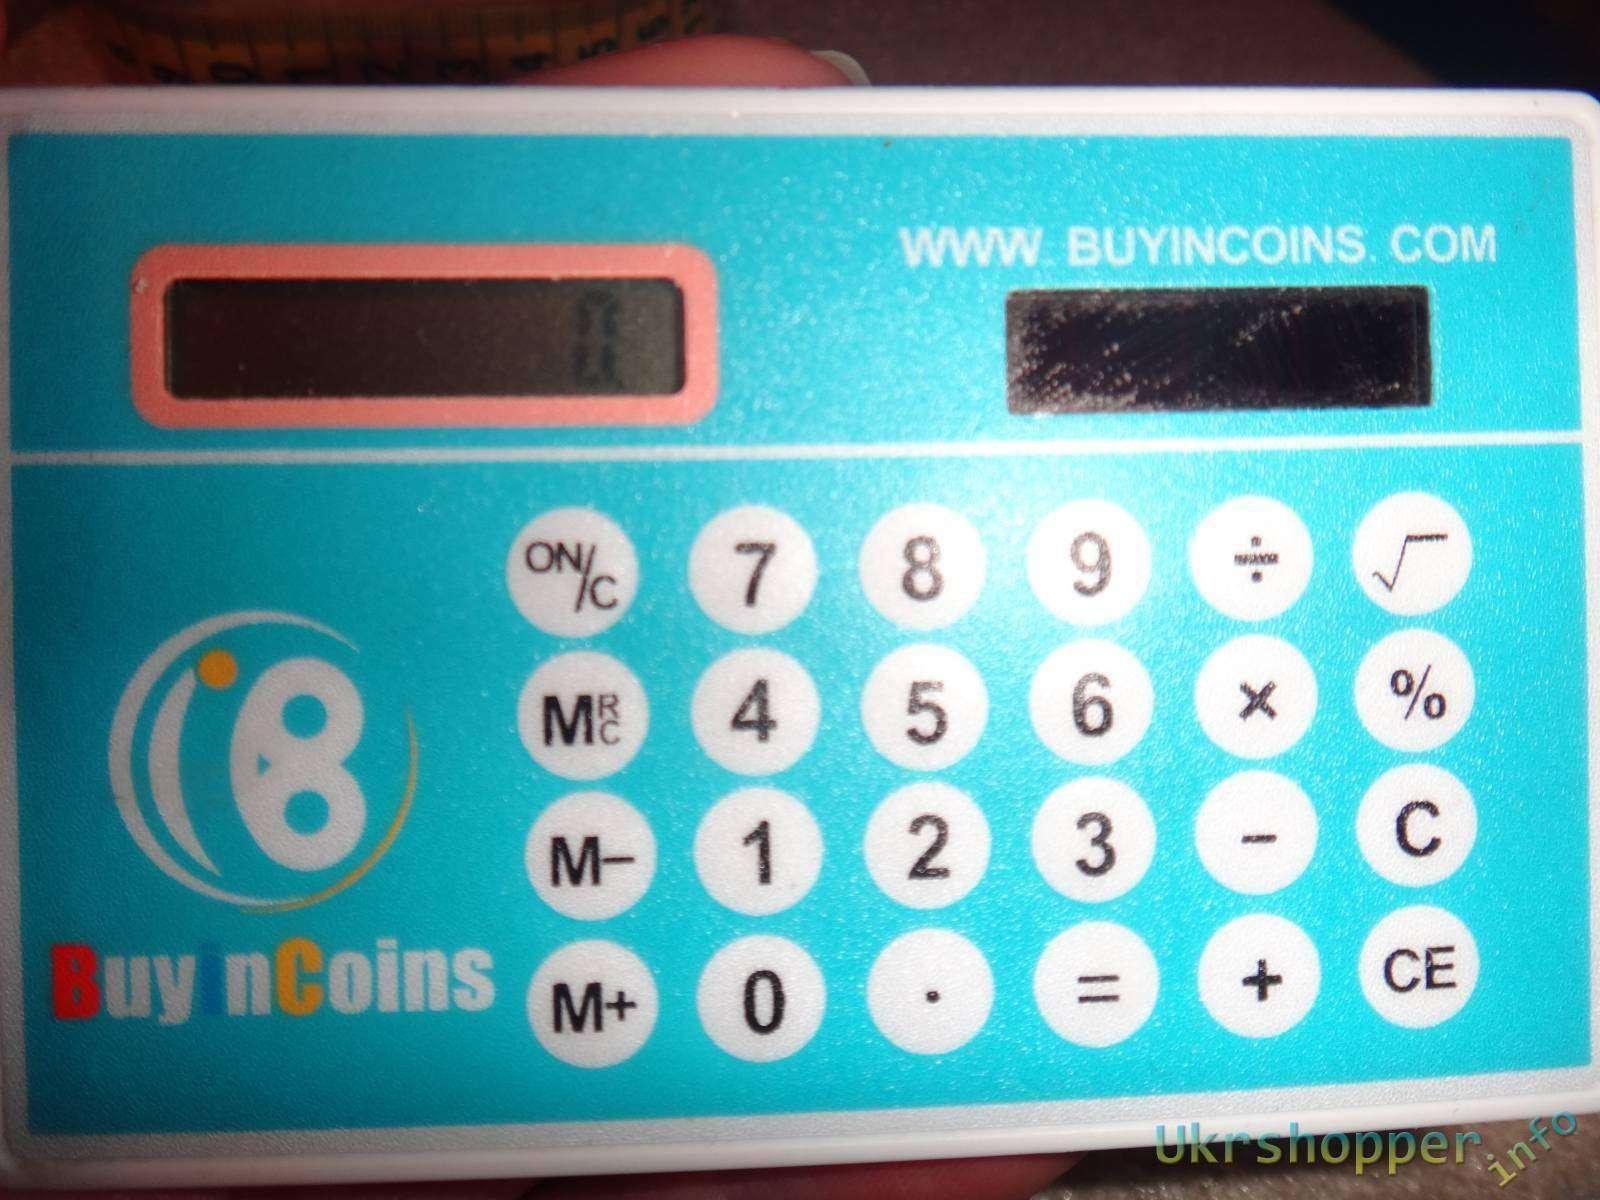 BuyinCoins: Обзор подарочного калькулятора с buyincoins на солнечной батарее